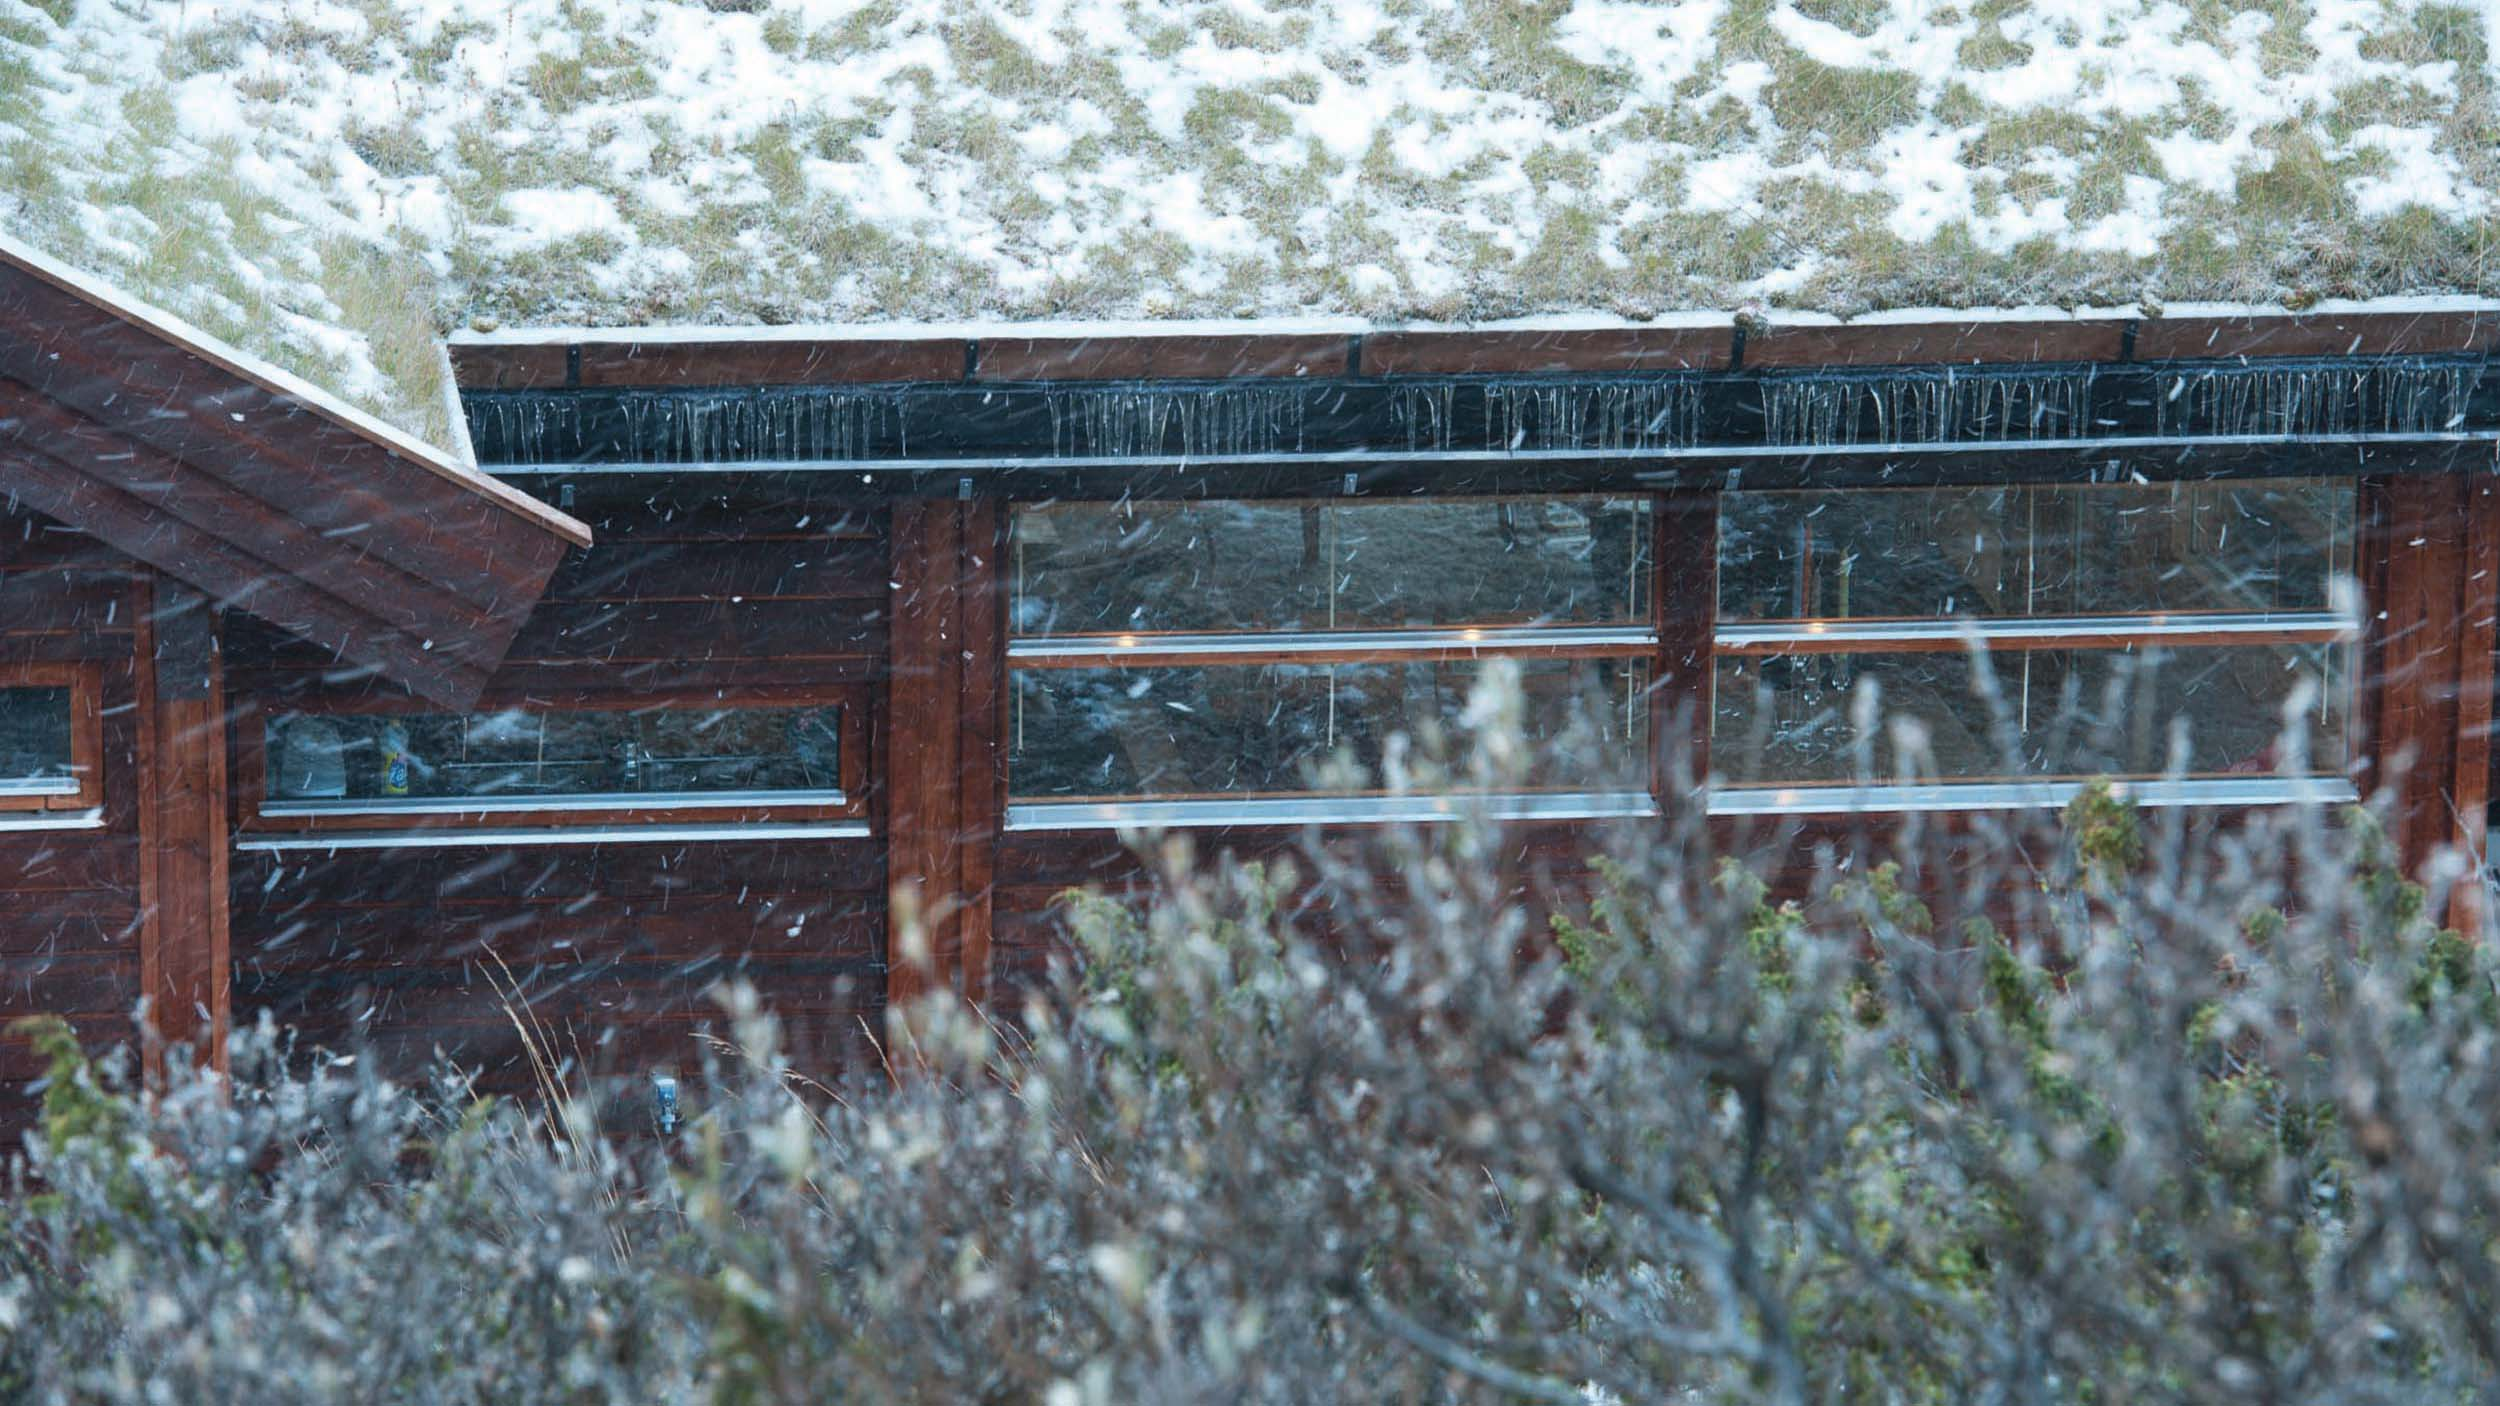 Ålhytte i snøvær_SVA8804_test.jpg